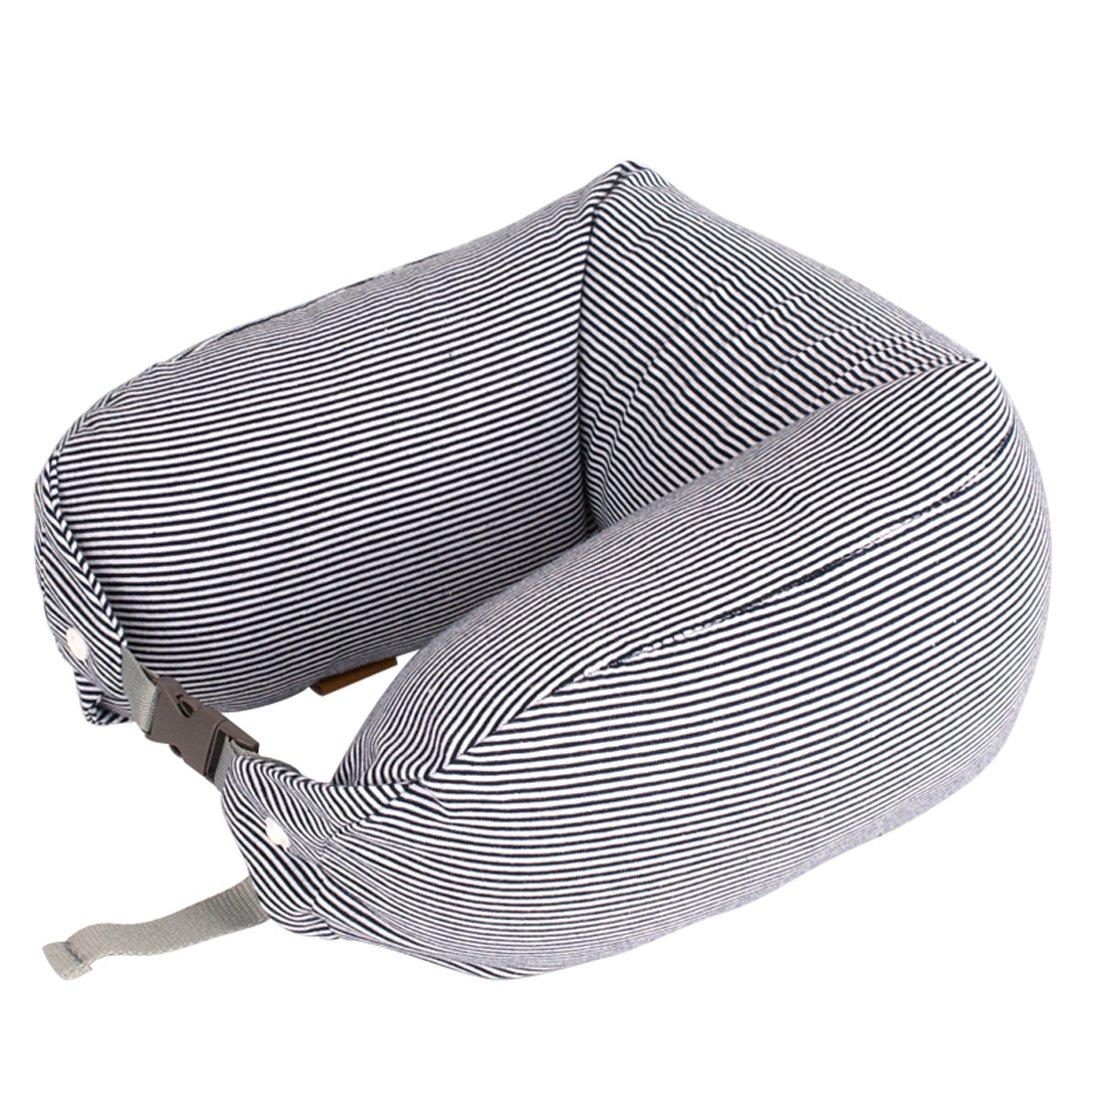 ソフトマイクロビーズ旅行の枕睡眠、昼寝、SquishyのU型首枕調節可能なストラップ付きHypoallergic Therapeuticの枕飛行機、車、トレイン、椅子ヘッドRest。 28*6 inches グレー  グレー B01M7SQJ0A